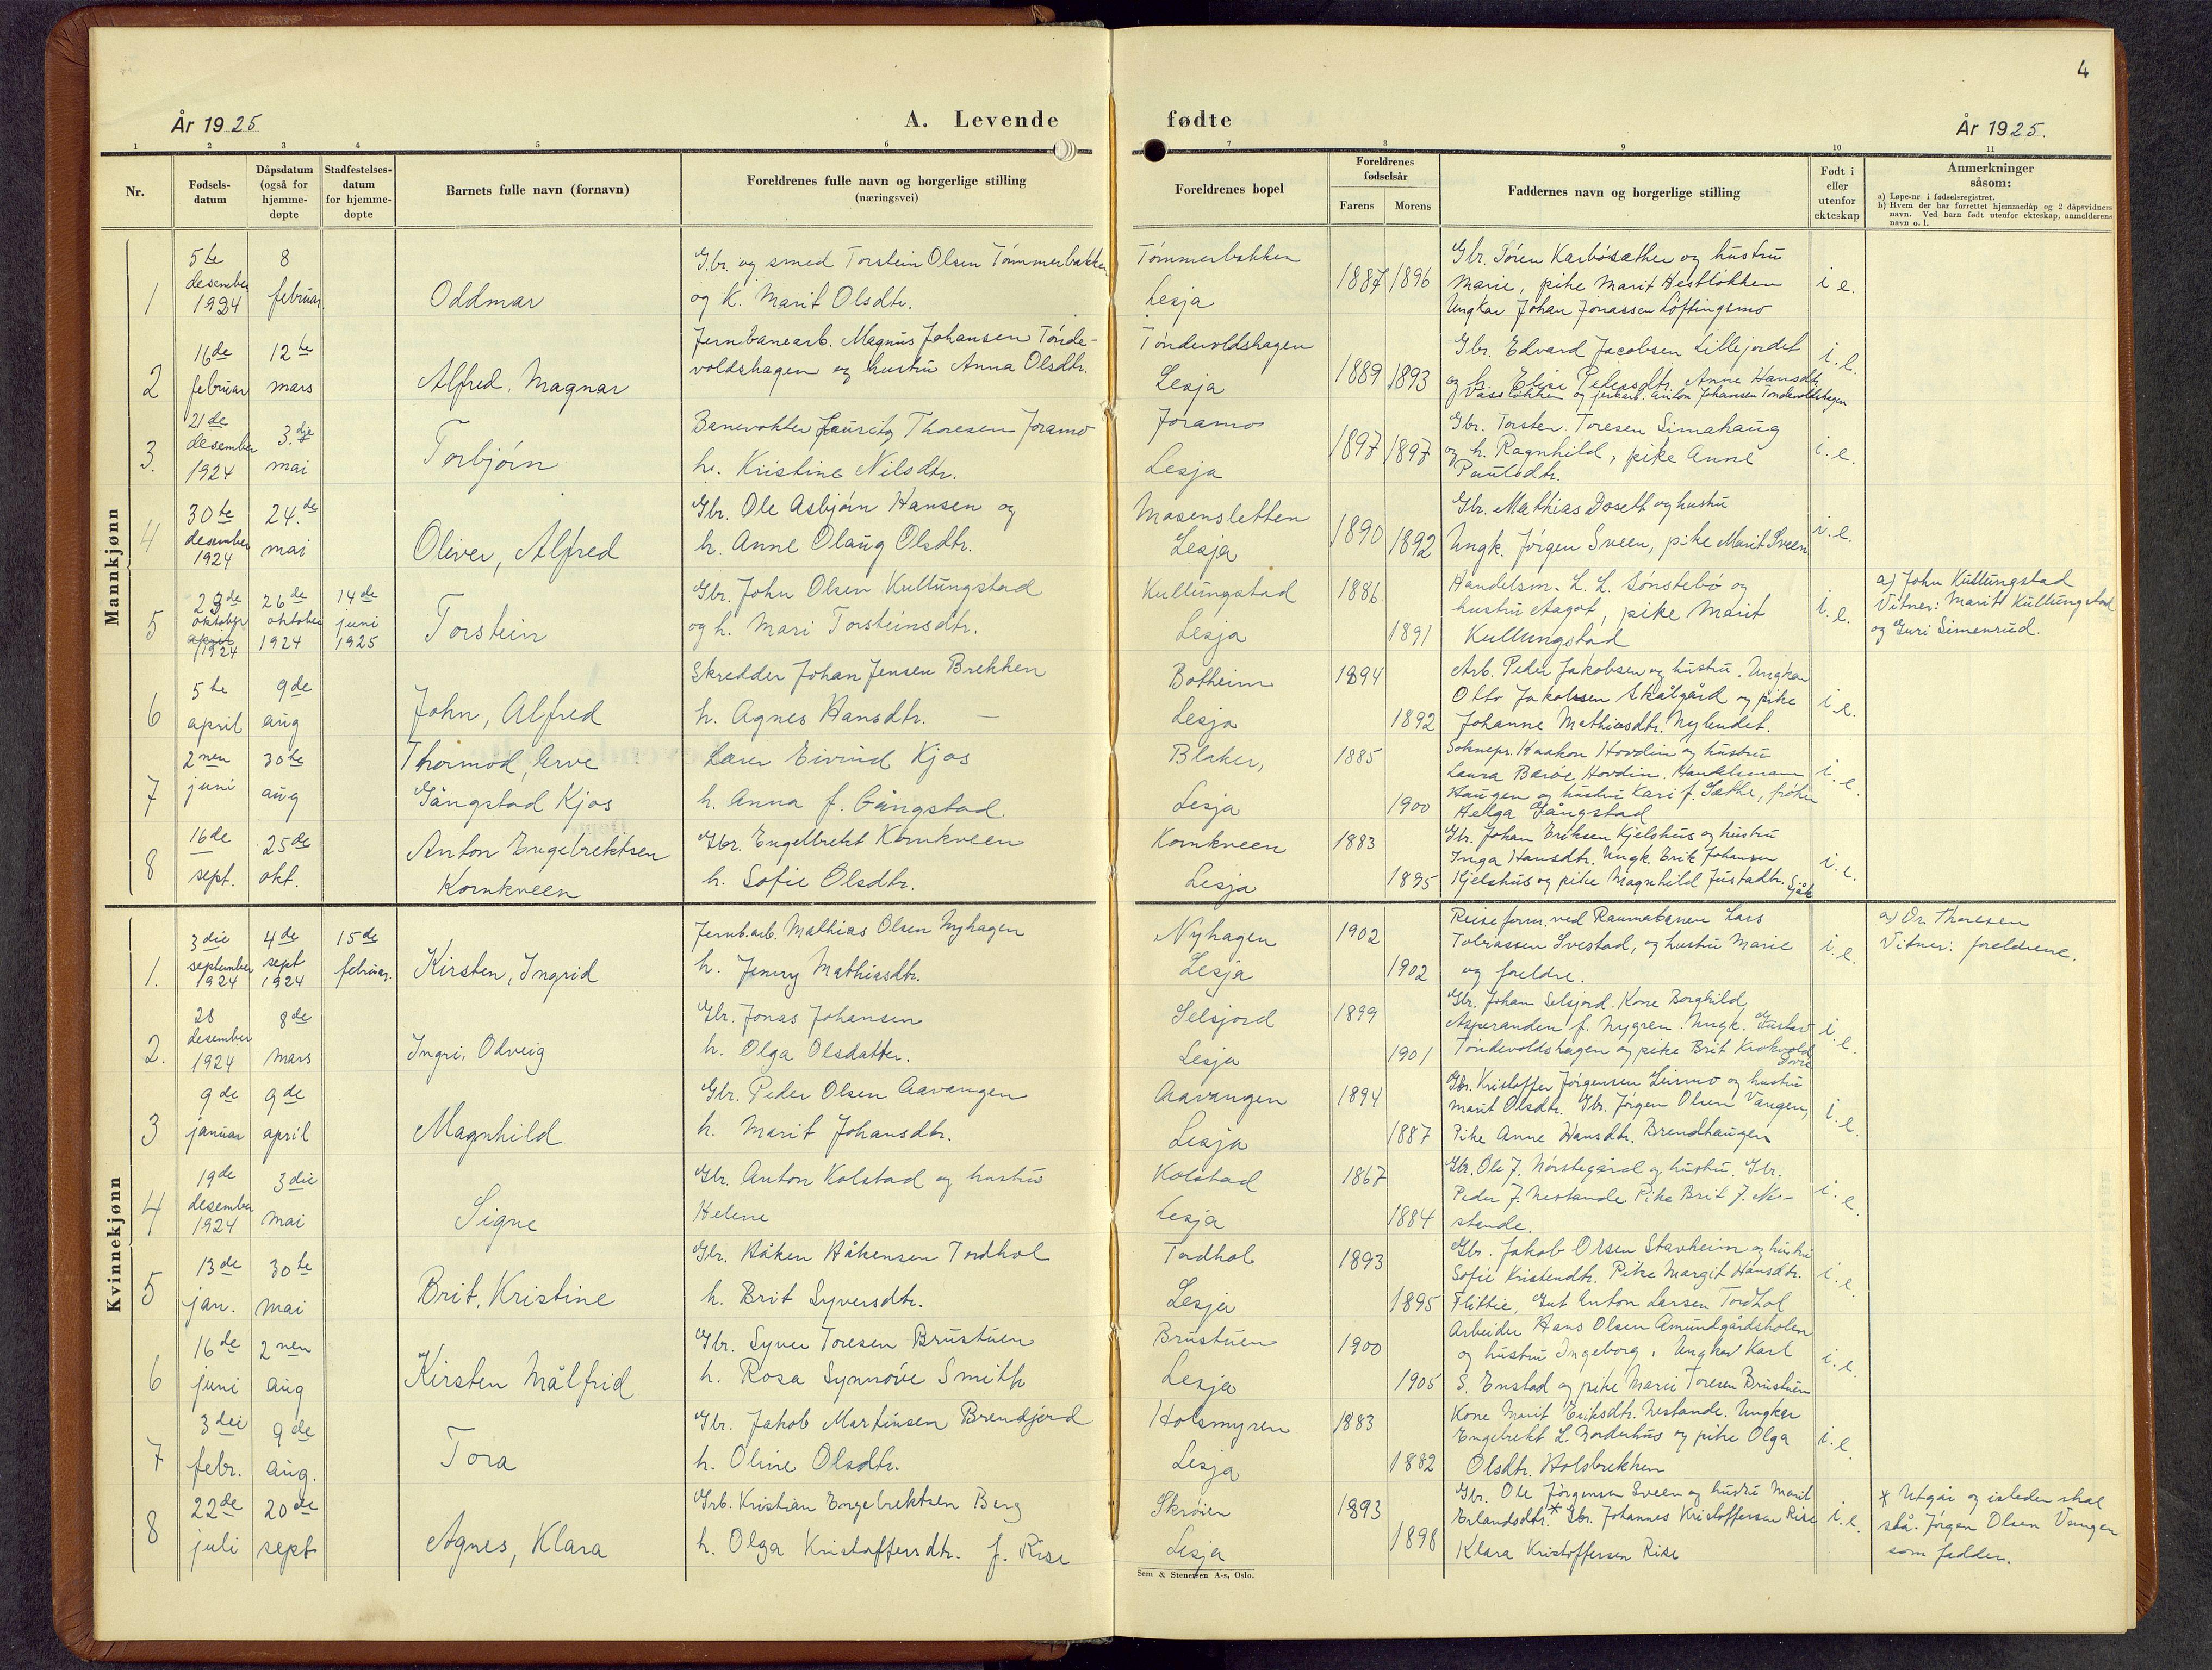 SAH, Lesja prestekontor, Parish register (copy) no. 10, 1925-1960, p. 4